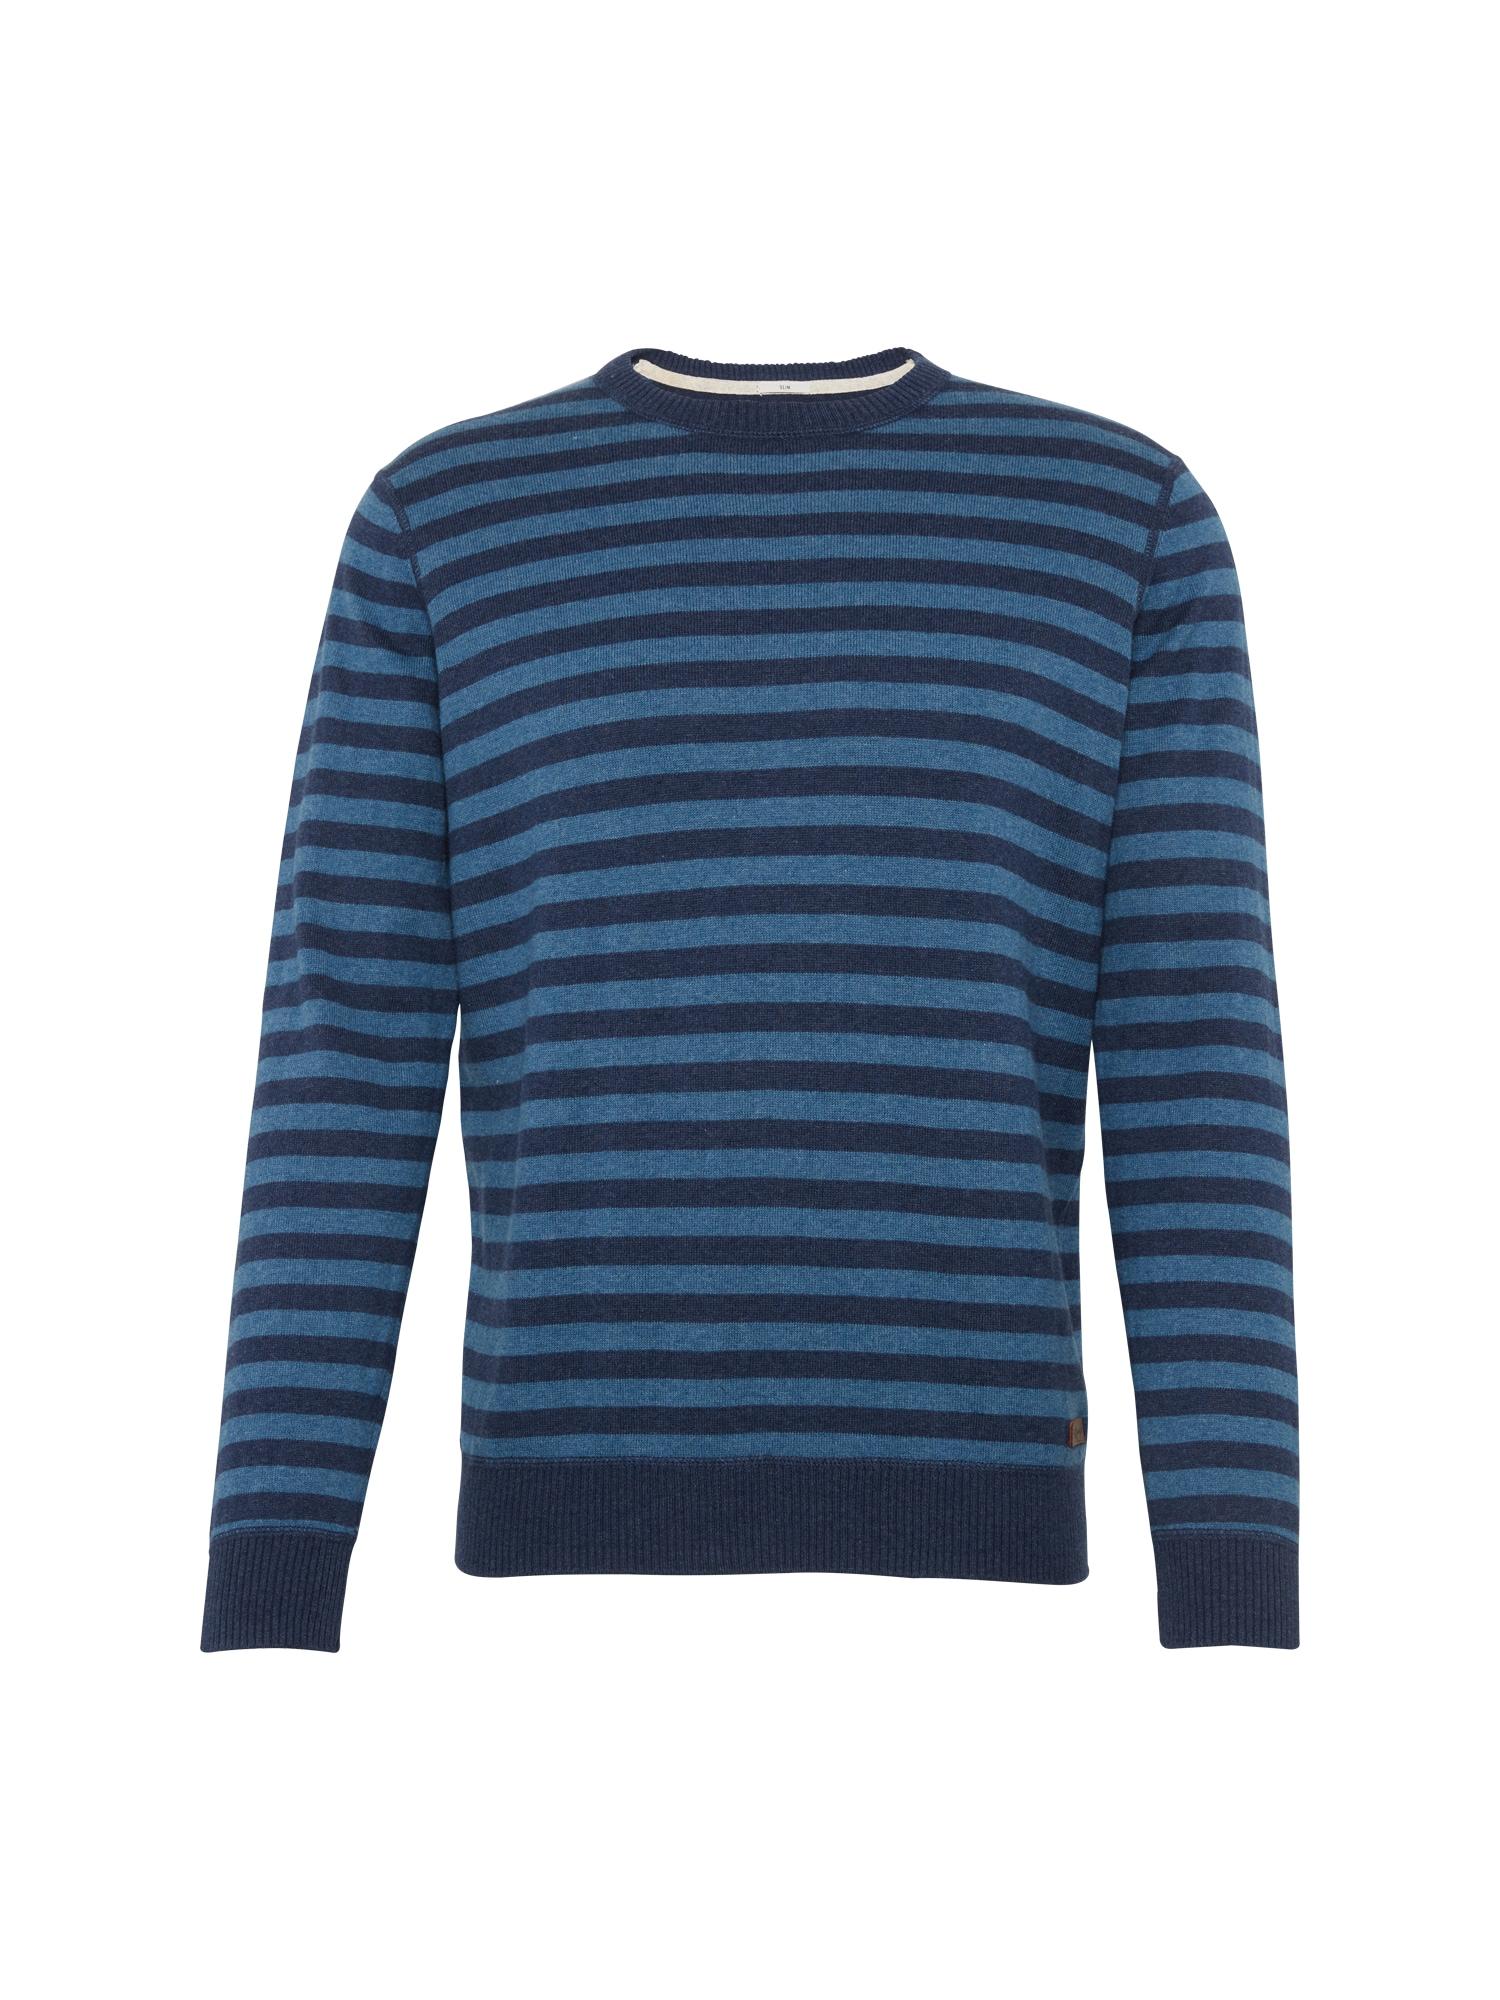 Pepe Jeans Heren Trui FORE blauw donkerblauw